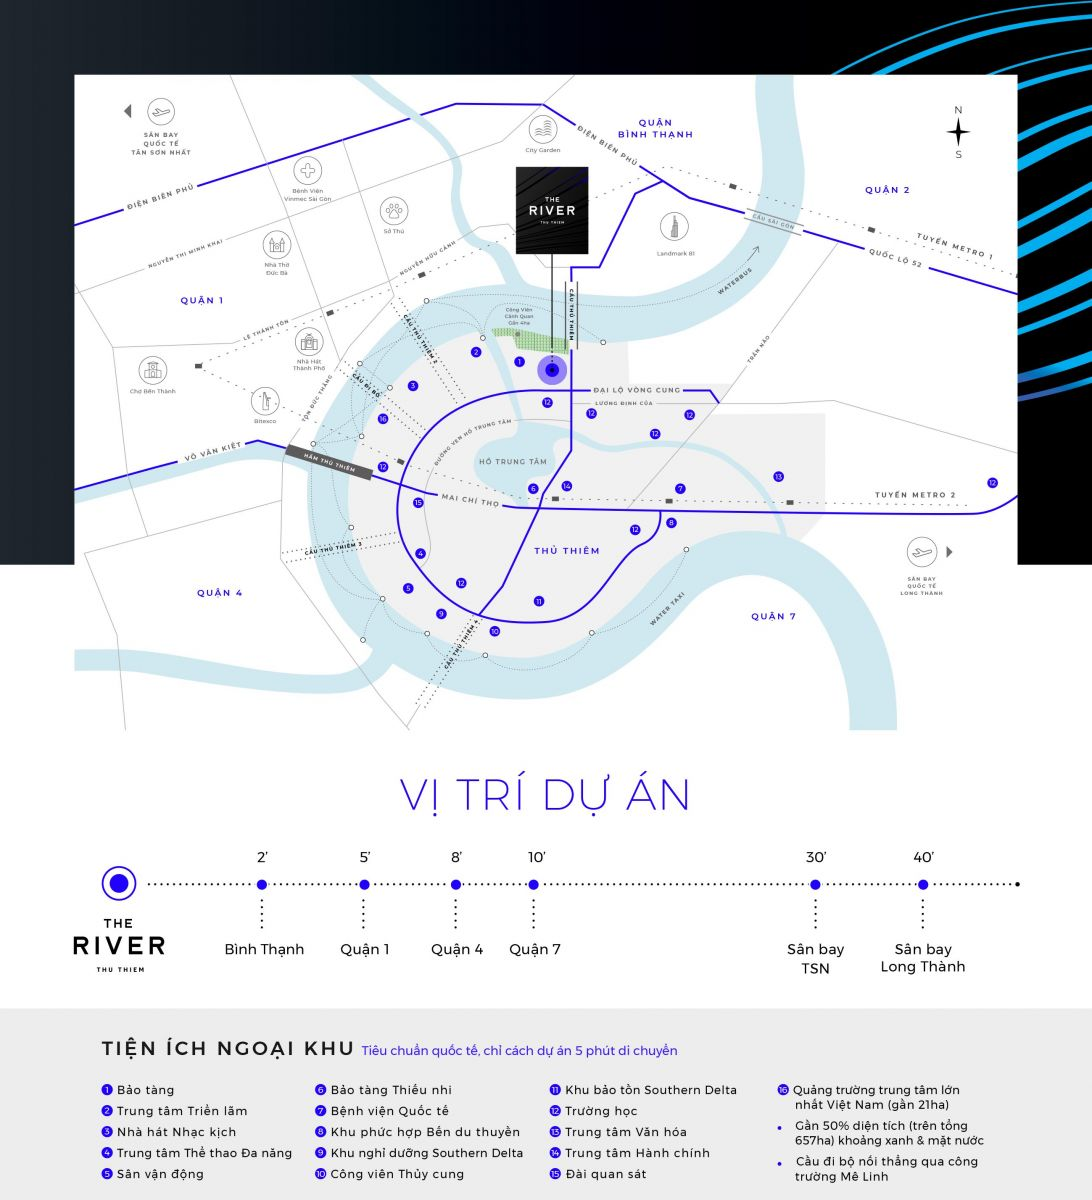 vị trí dự án the river thu thiem tapchiduan.net